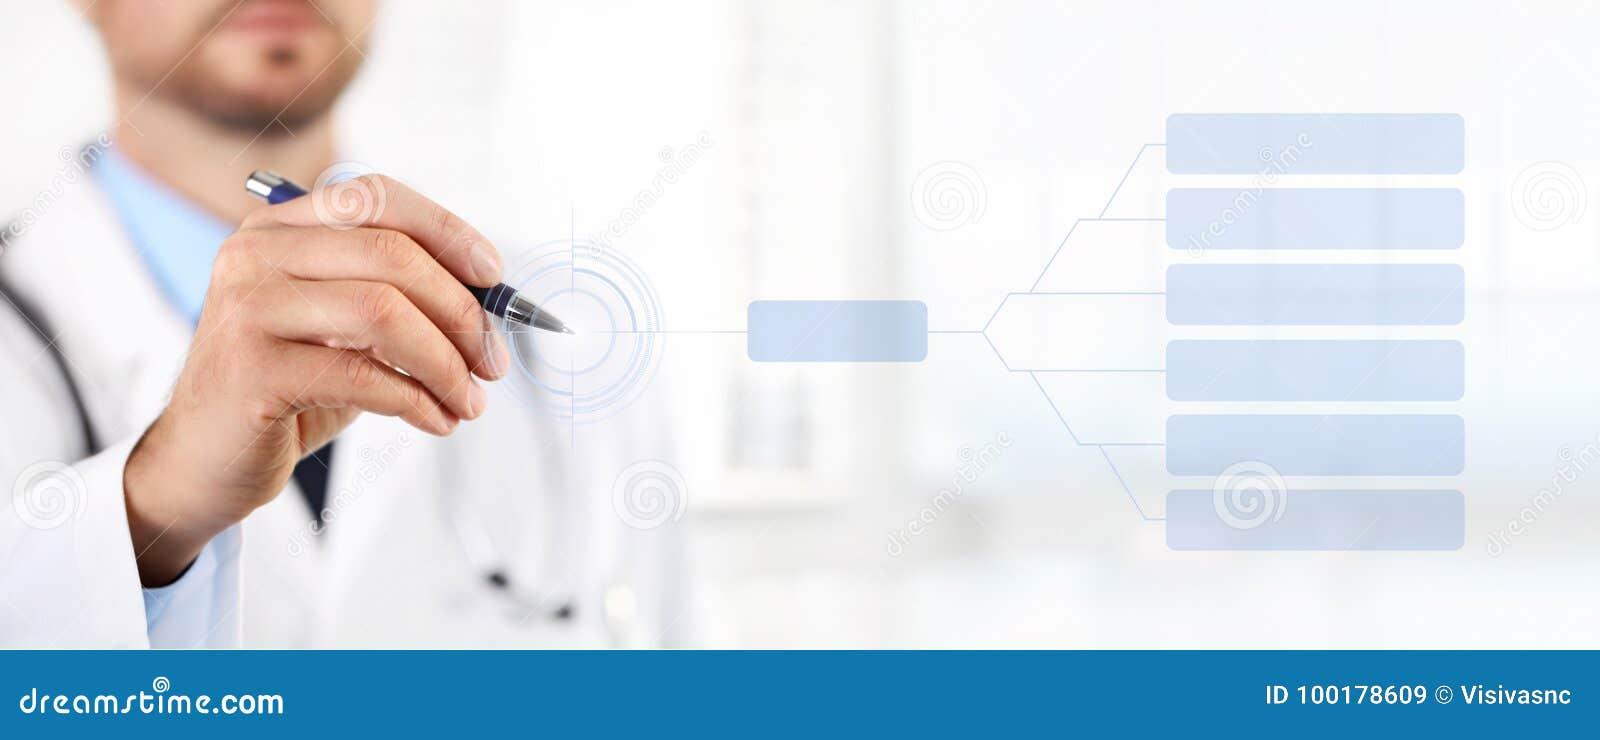 Medique o tela táctil com um conceito médico da saúde da pena